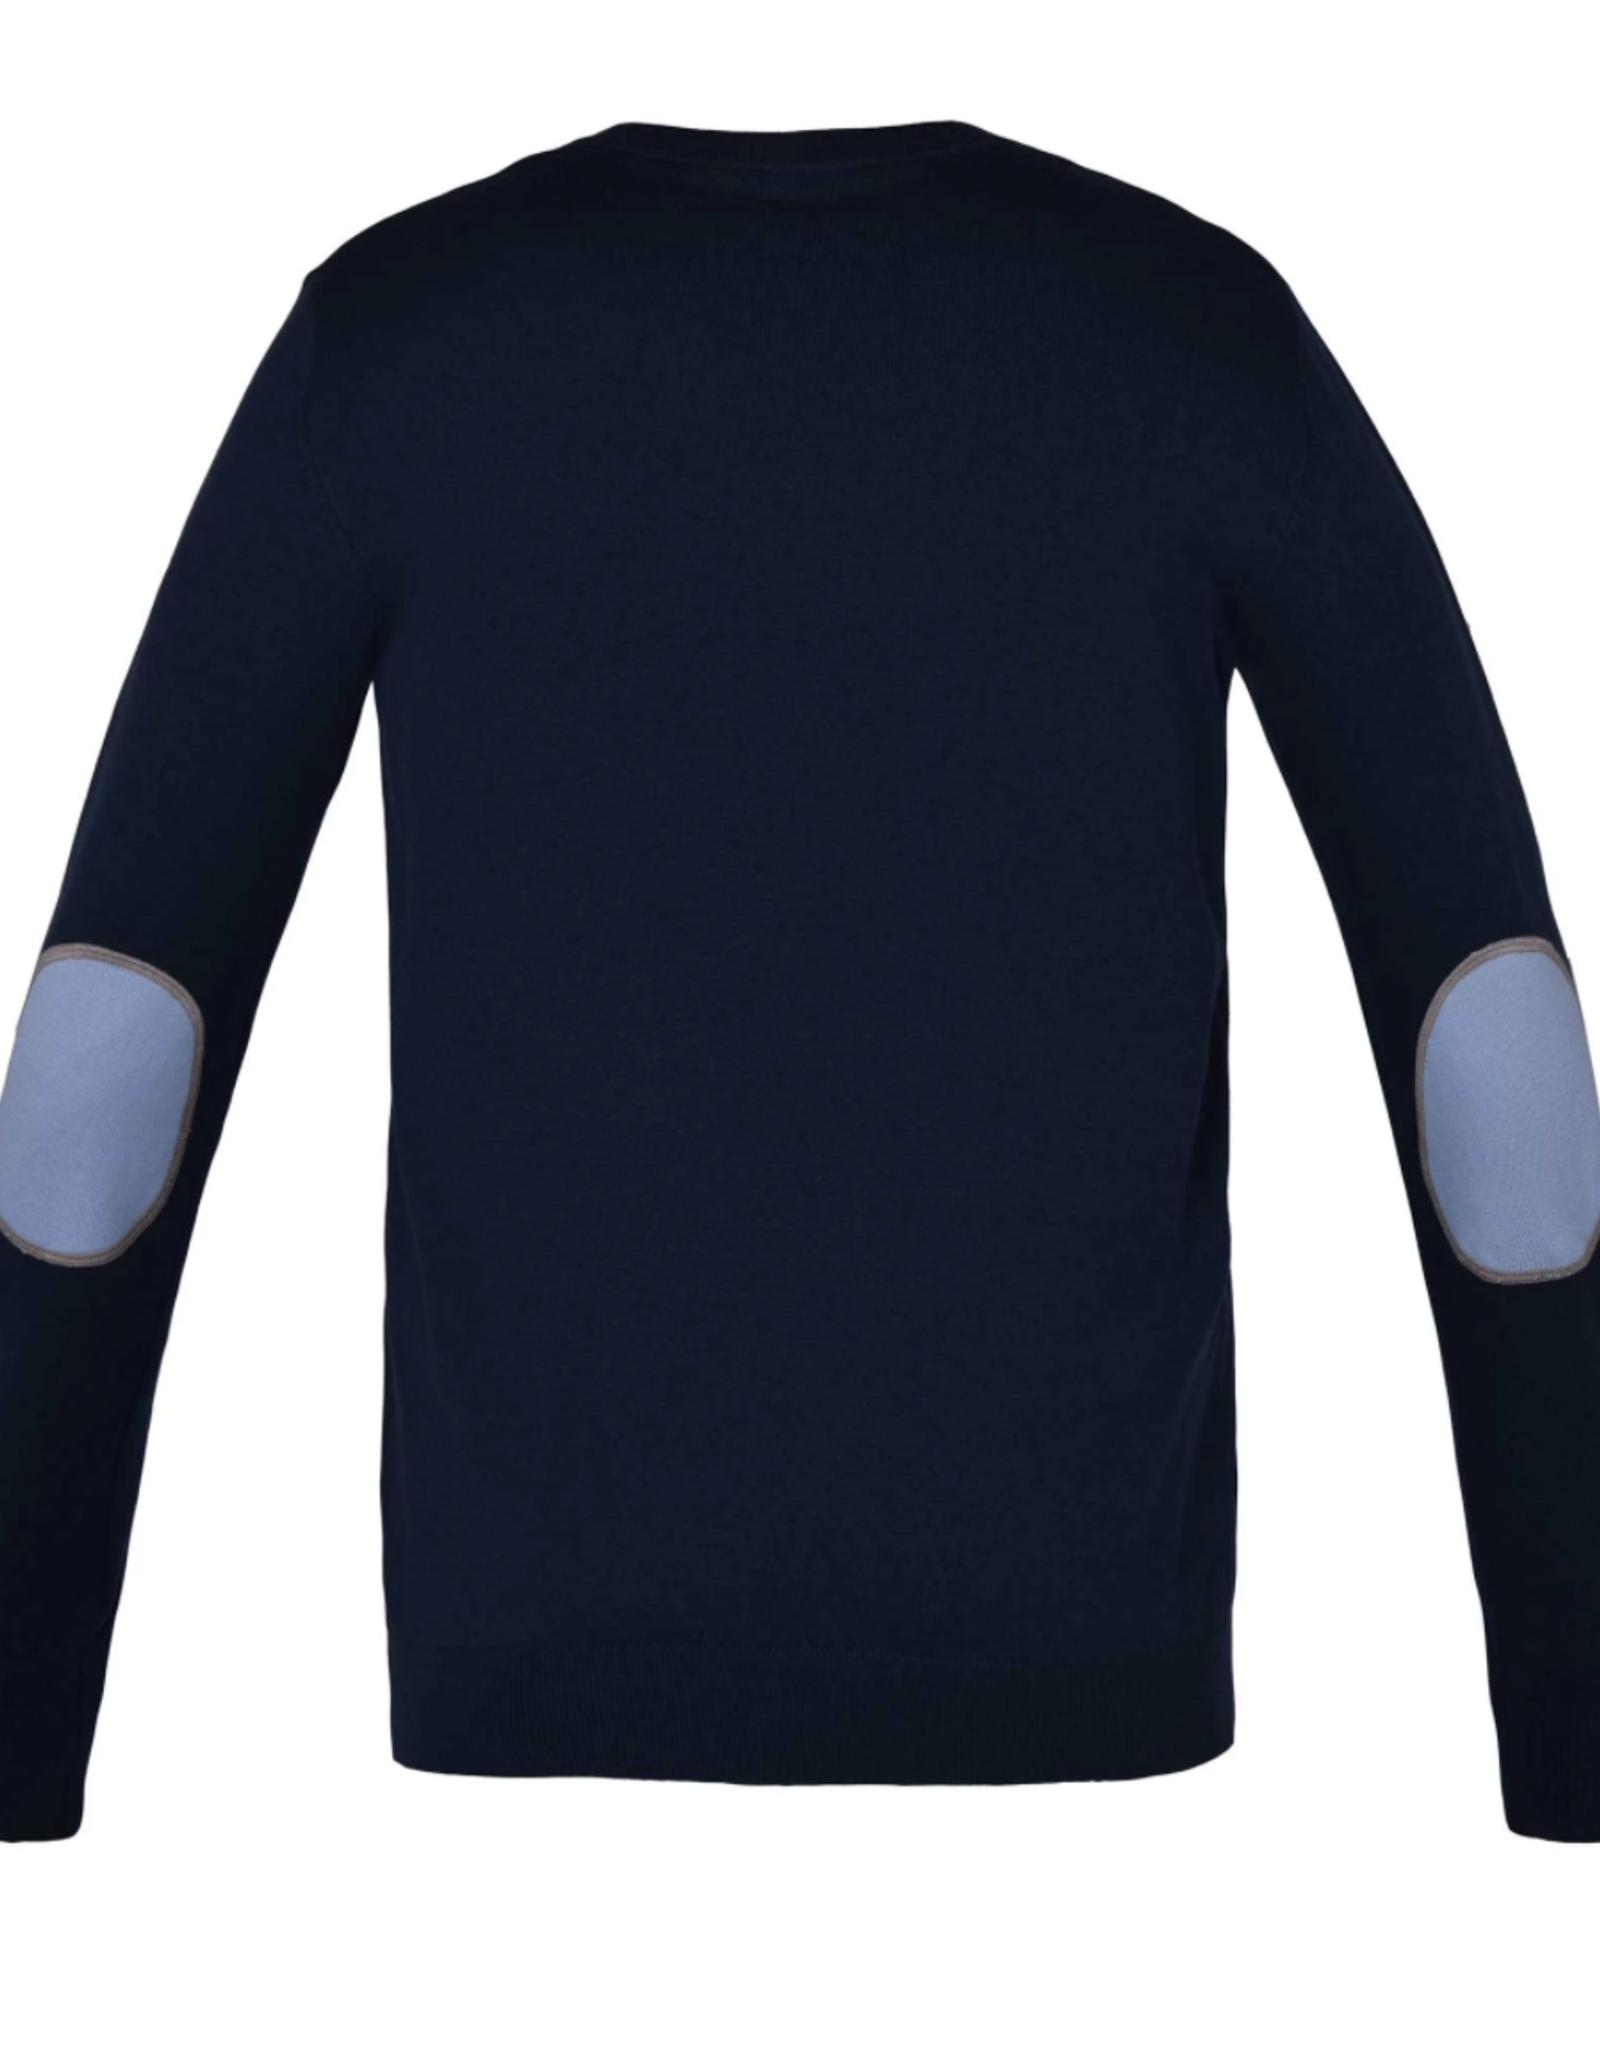 Kingsland Kingsland Men's Agres Knit Sweater